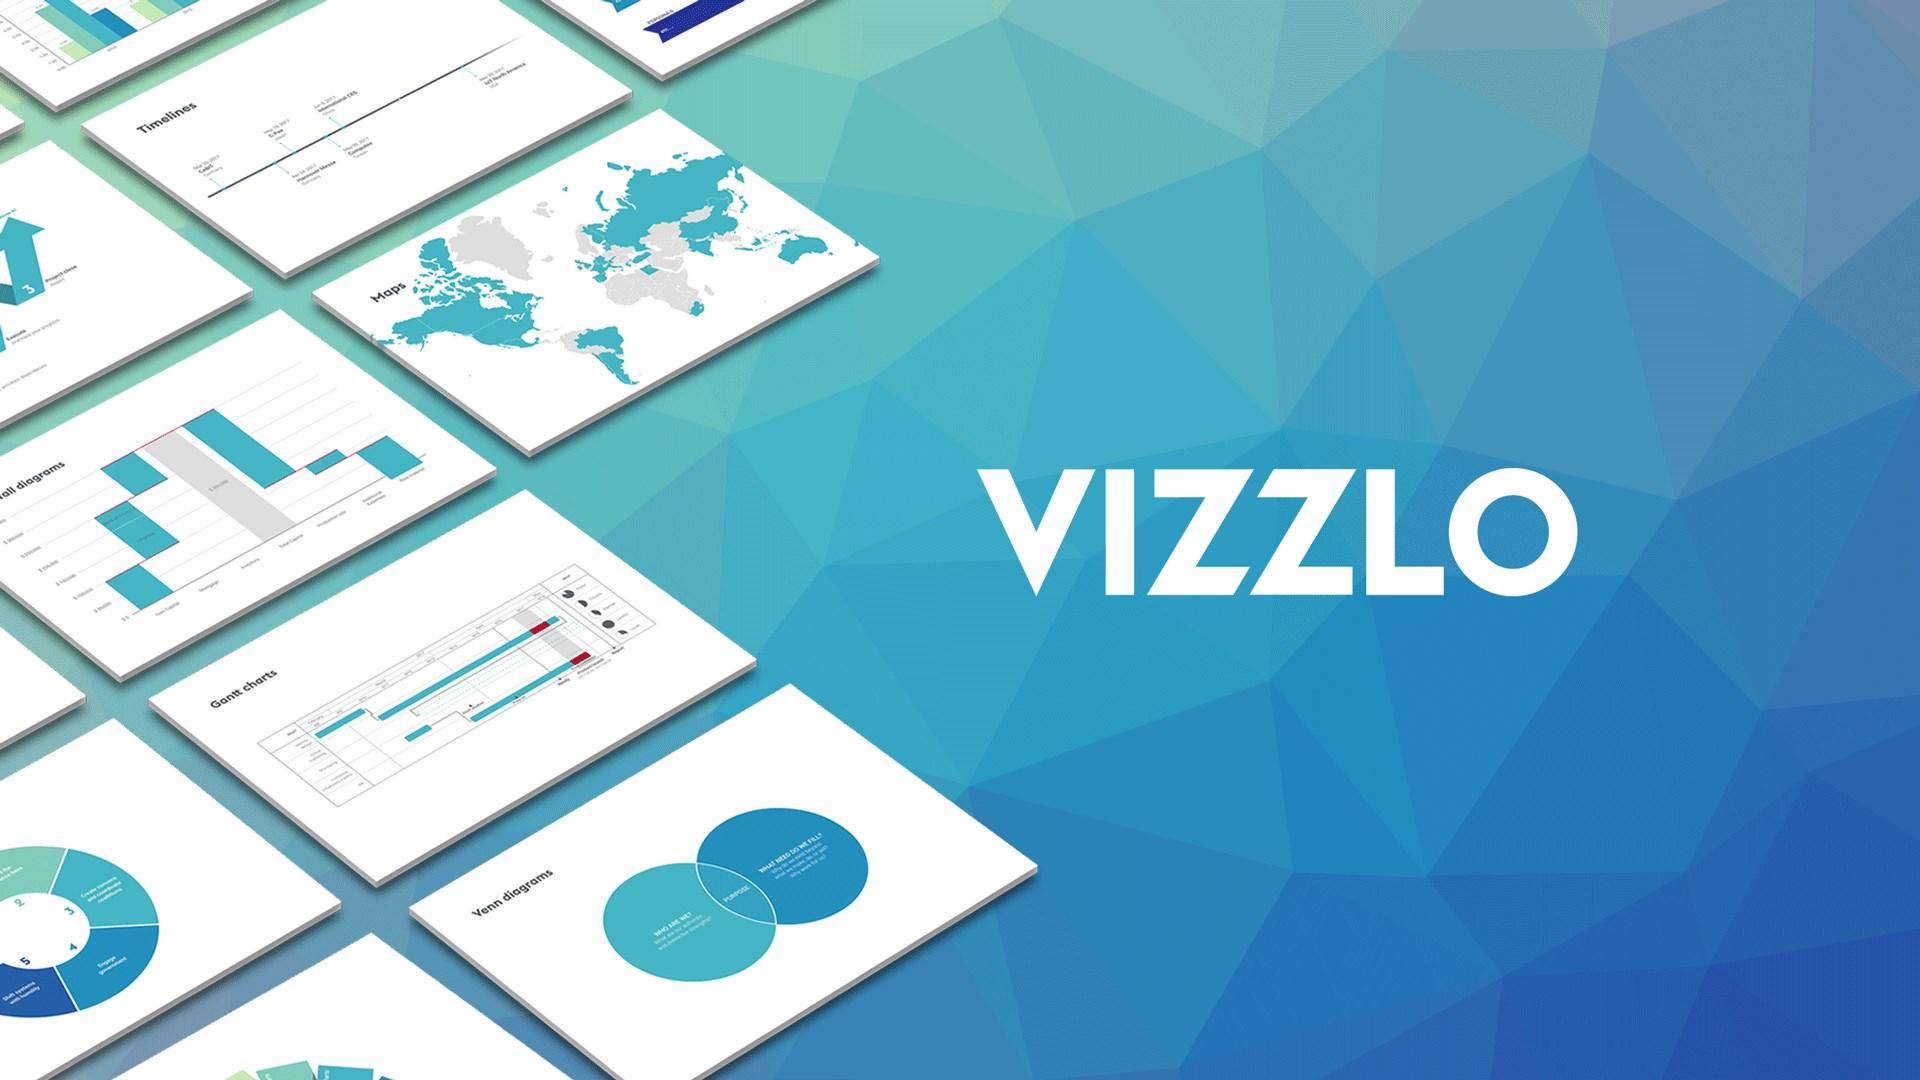 Vizzlo Charts Business Graphics Beszerzese Microsoft Store Hu Hu